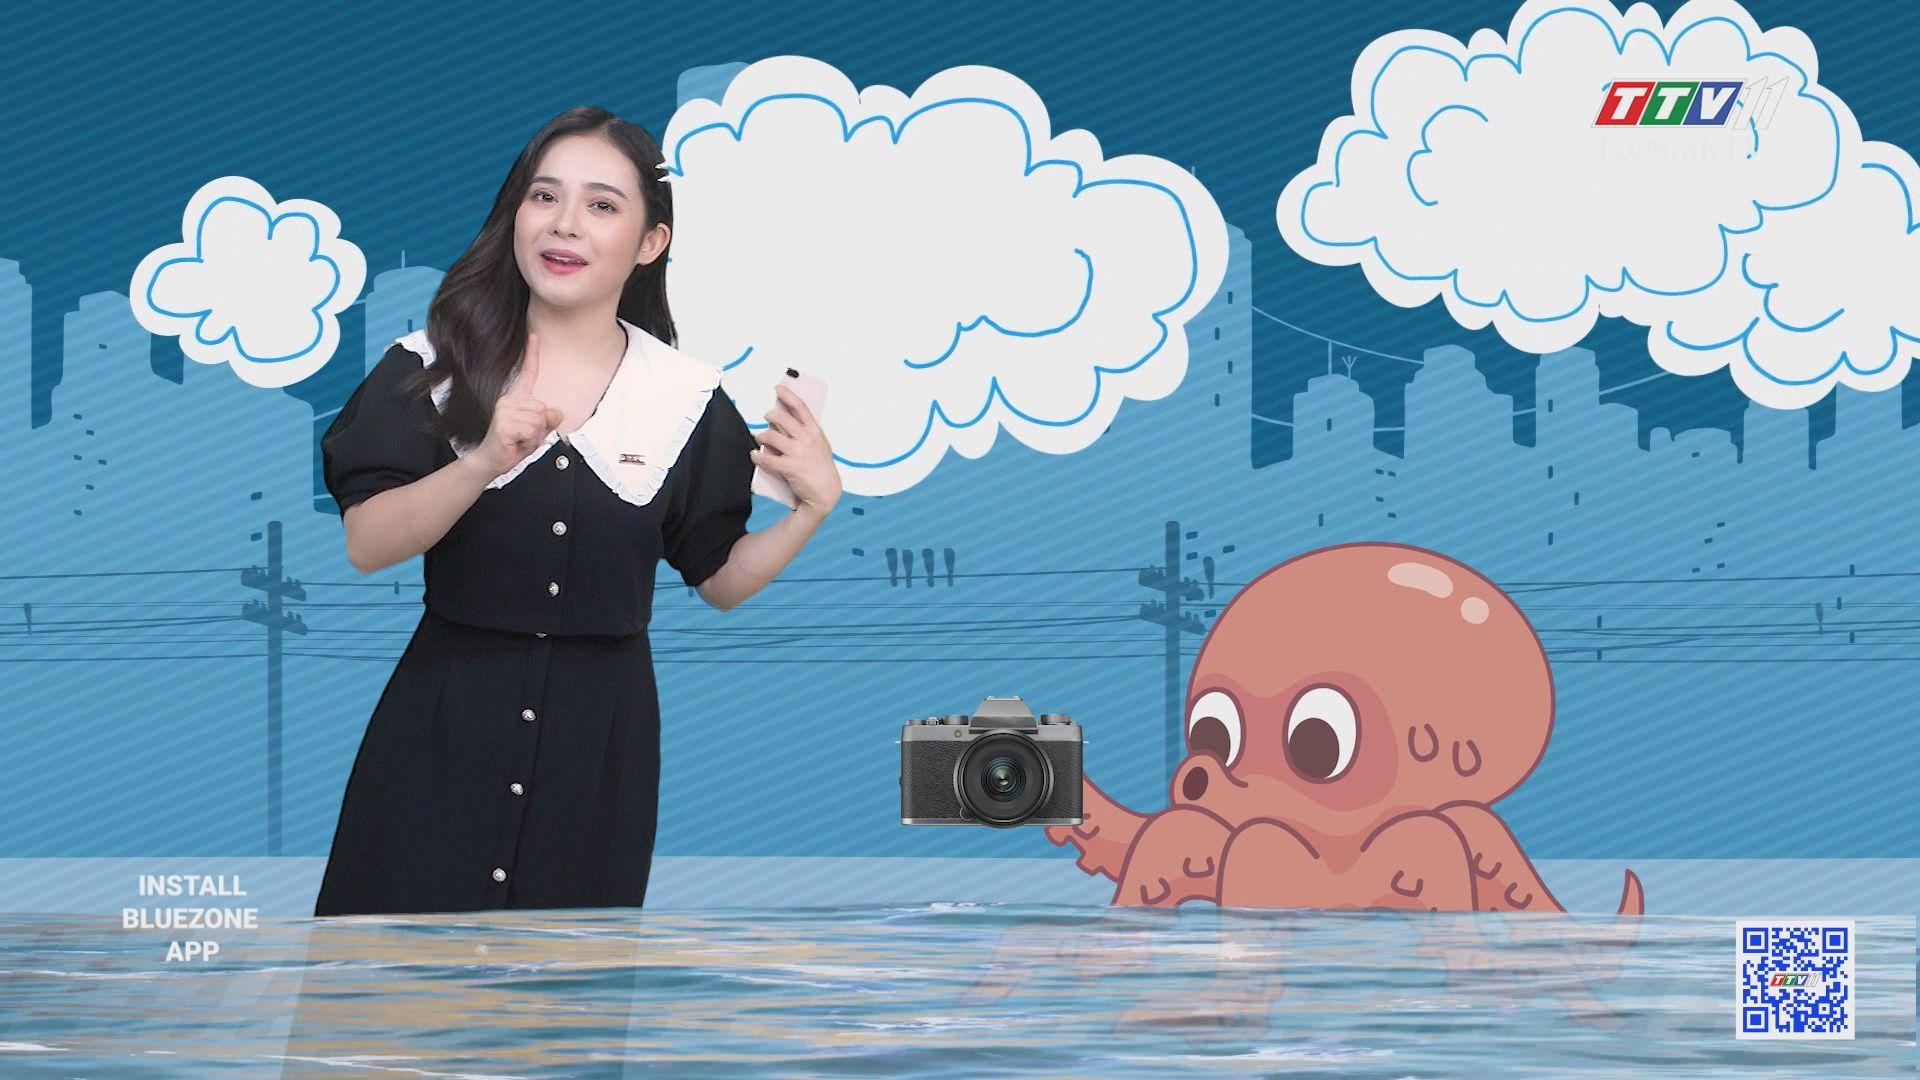 Con bạch tuộc đầu tiên trên thế giới có thể chụp hình | CHUYỆN ĐÔNG TÂY KỲ THÚ | TayNinhTV